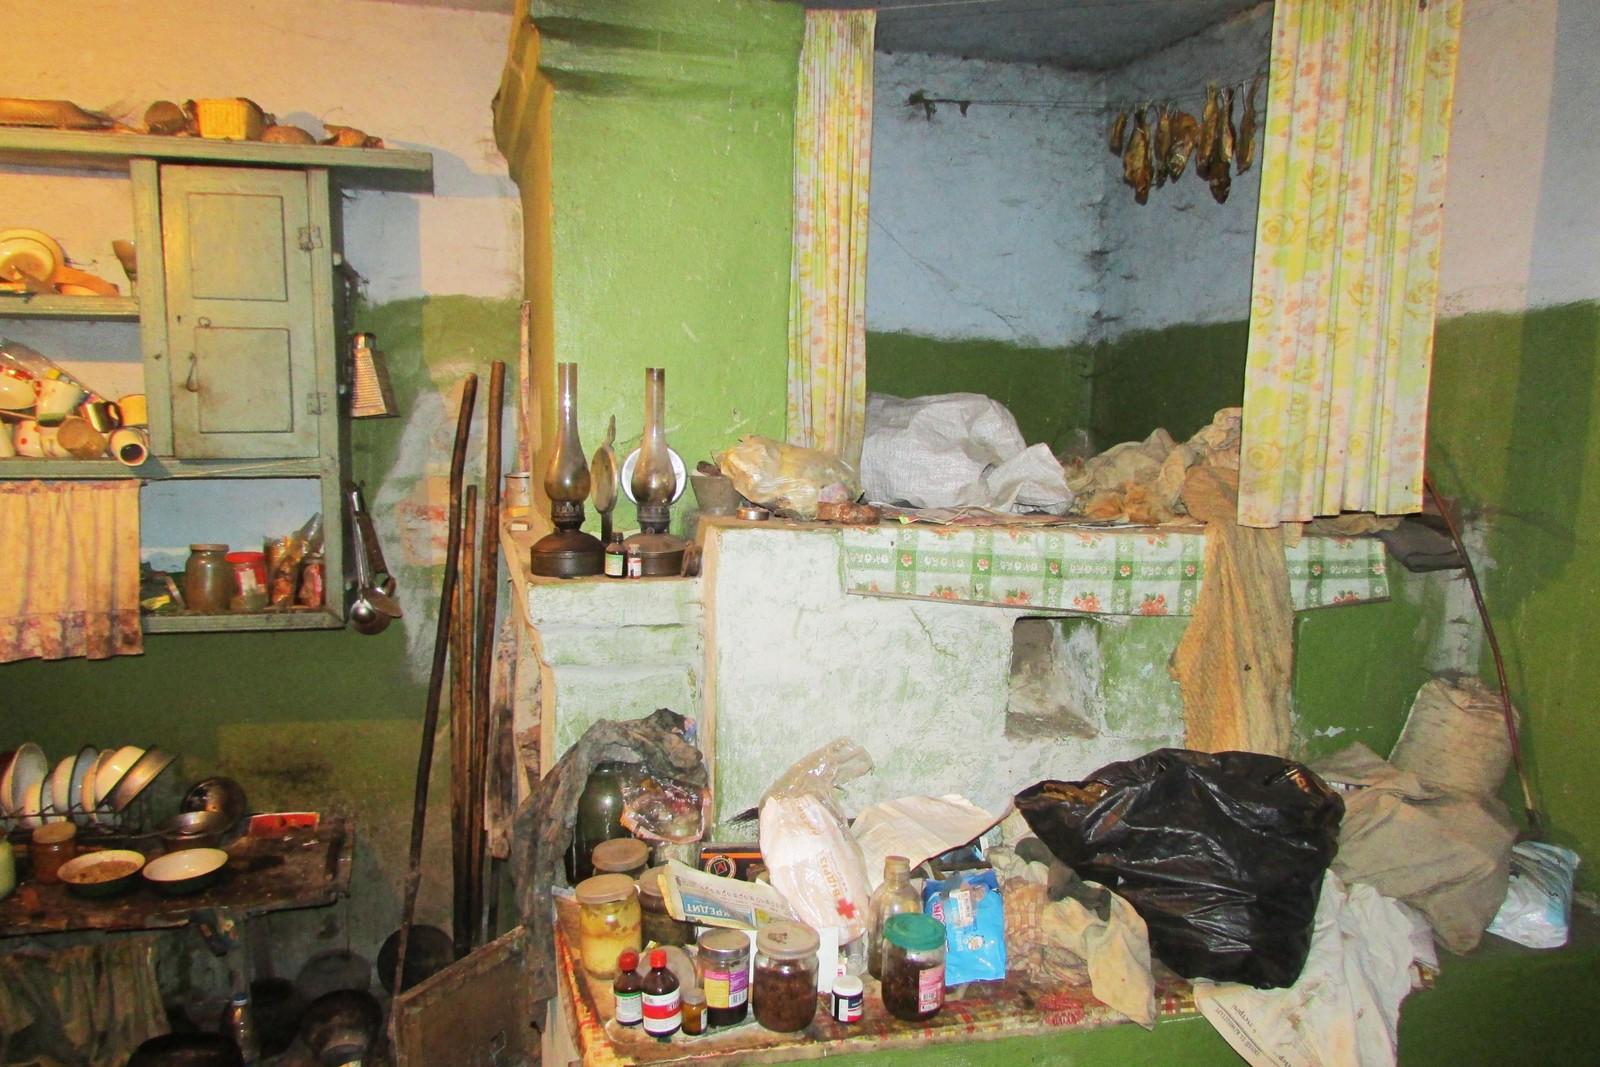 Når temperaturen utenfor kryper ned mot 30 minusgrader tilbringer Maria og Ivan natten oppe på ovnen som tar opp en stor del av den kombinerte stuen og soverommet.